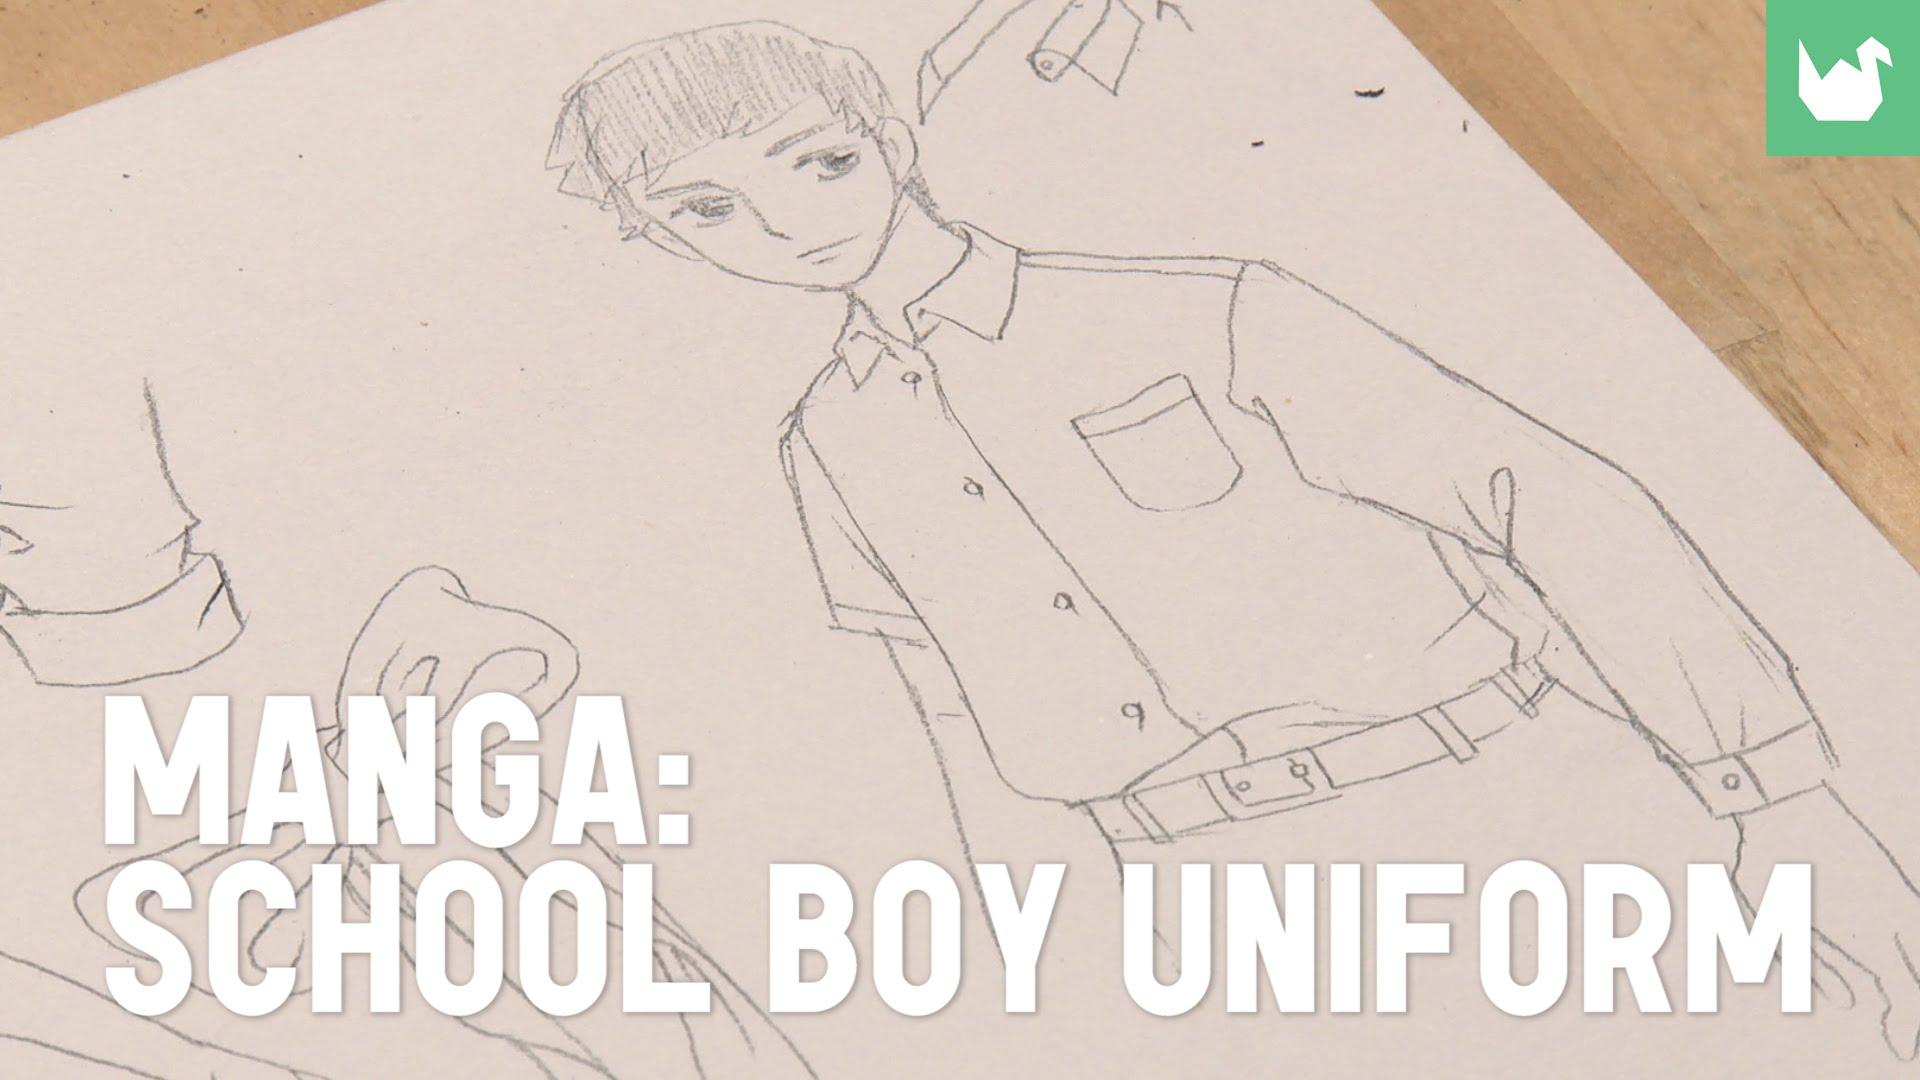 Drawn shoe school uniform A school boy school uniform